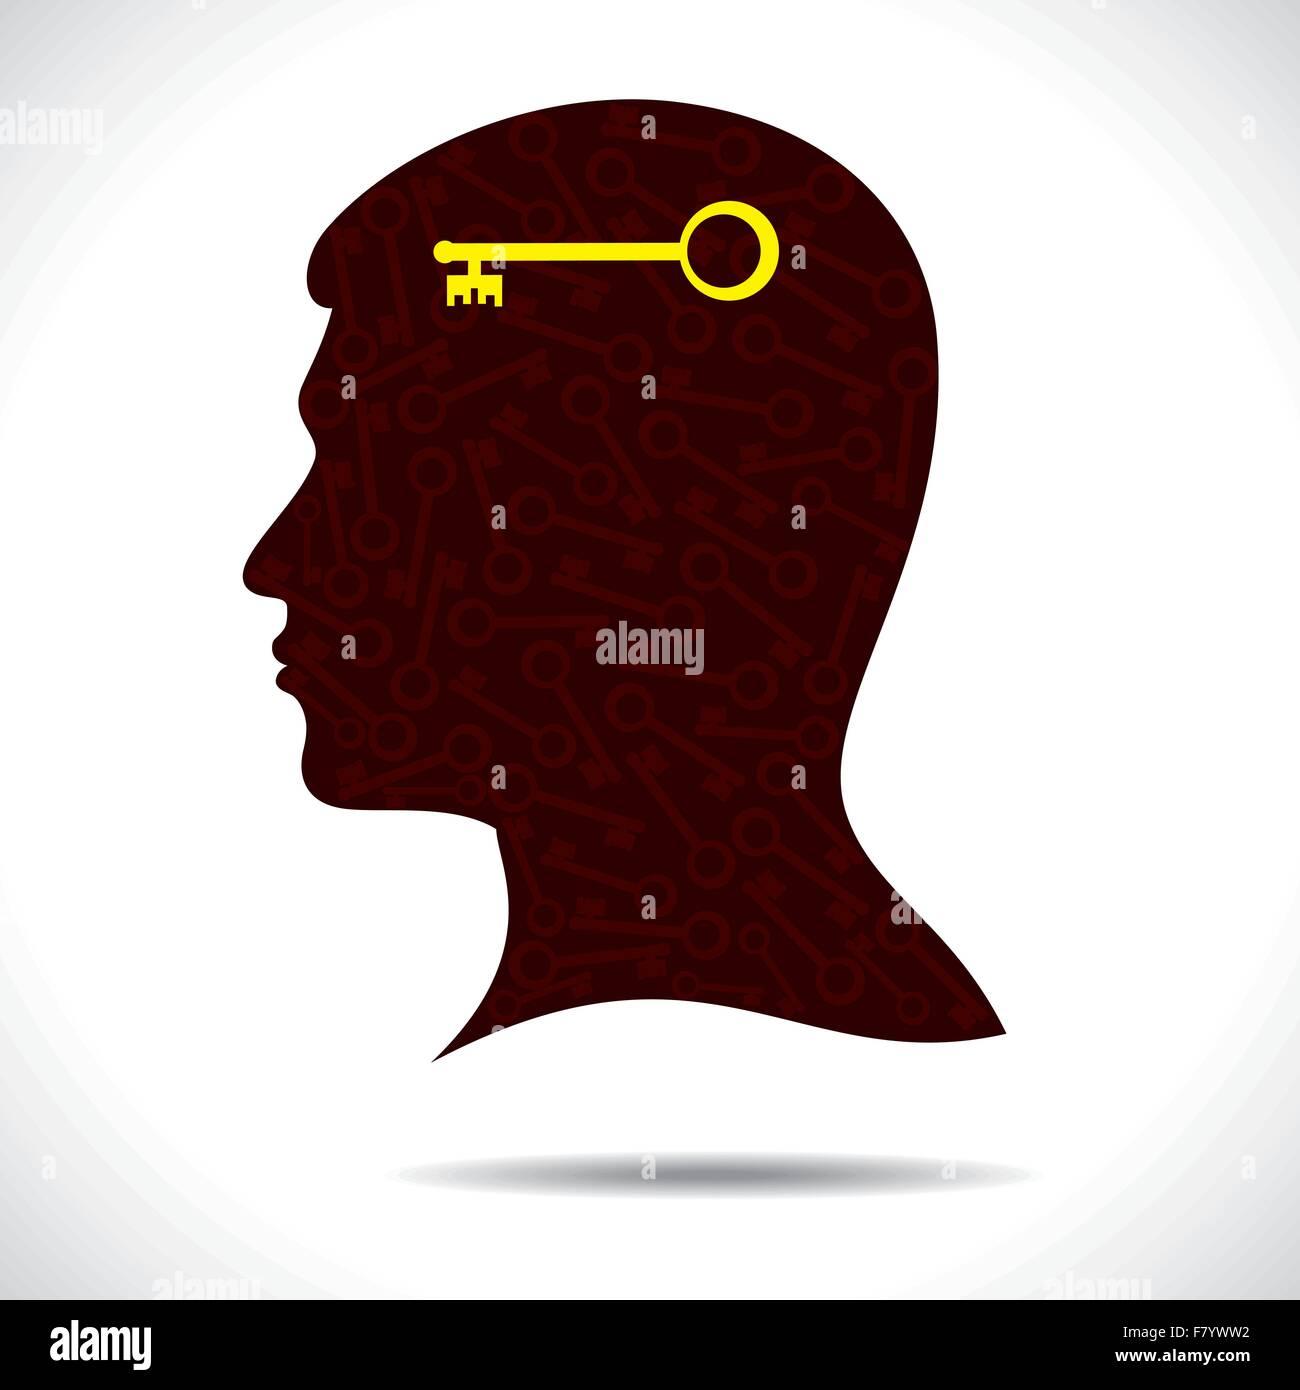 La clave del éxito en la cabeza humana Imagen De Stock